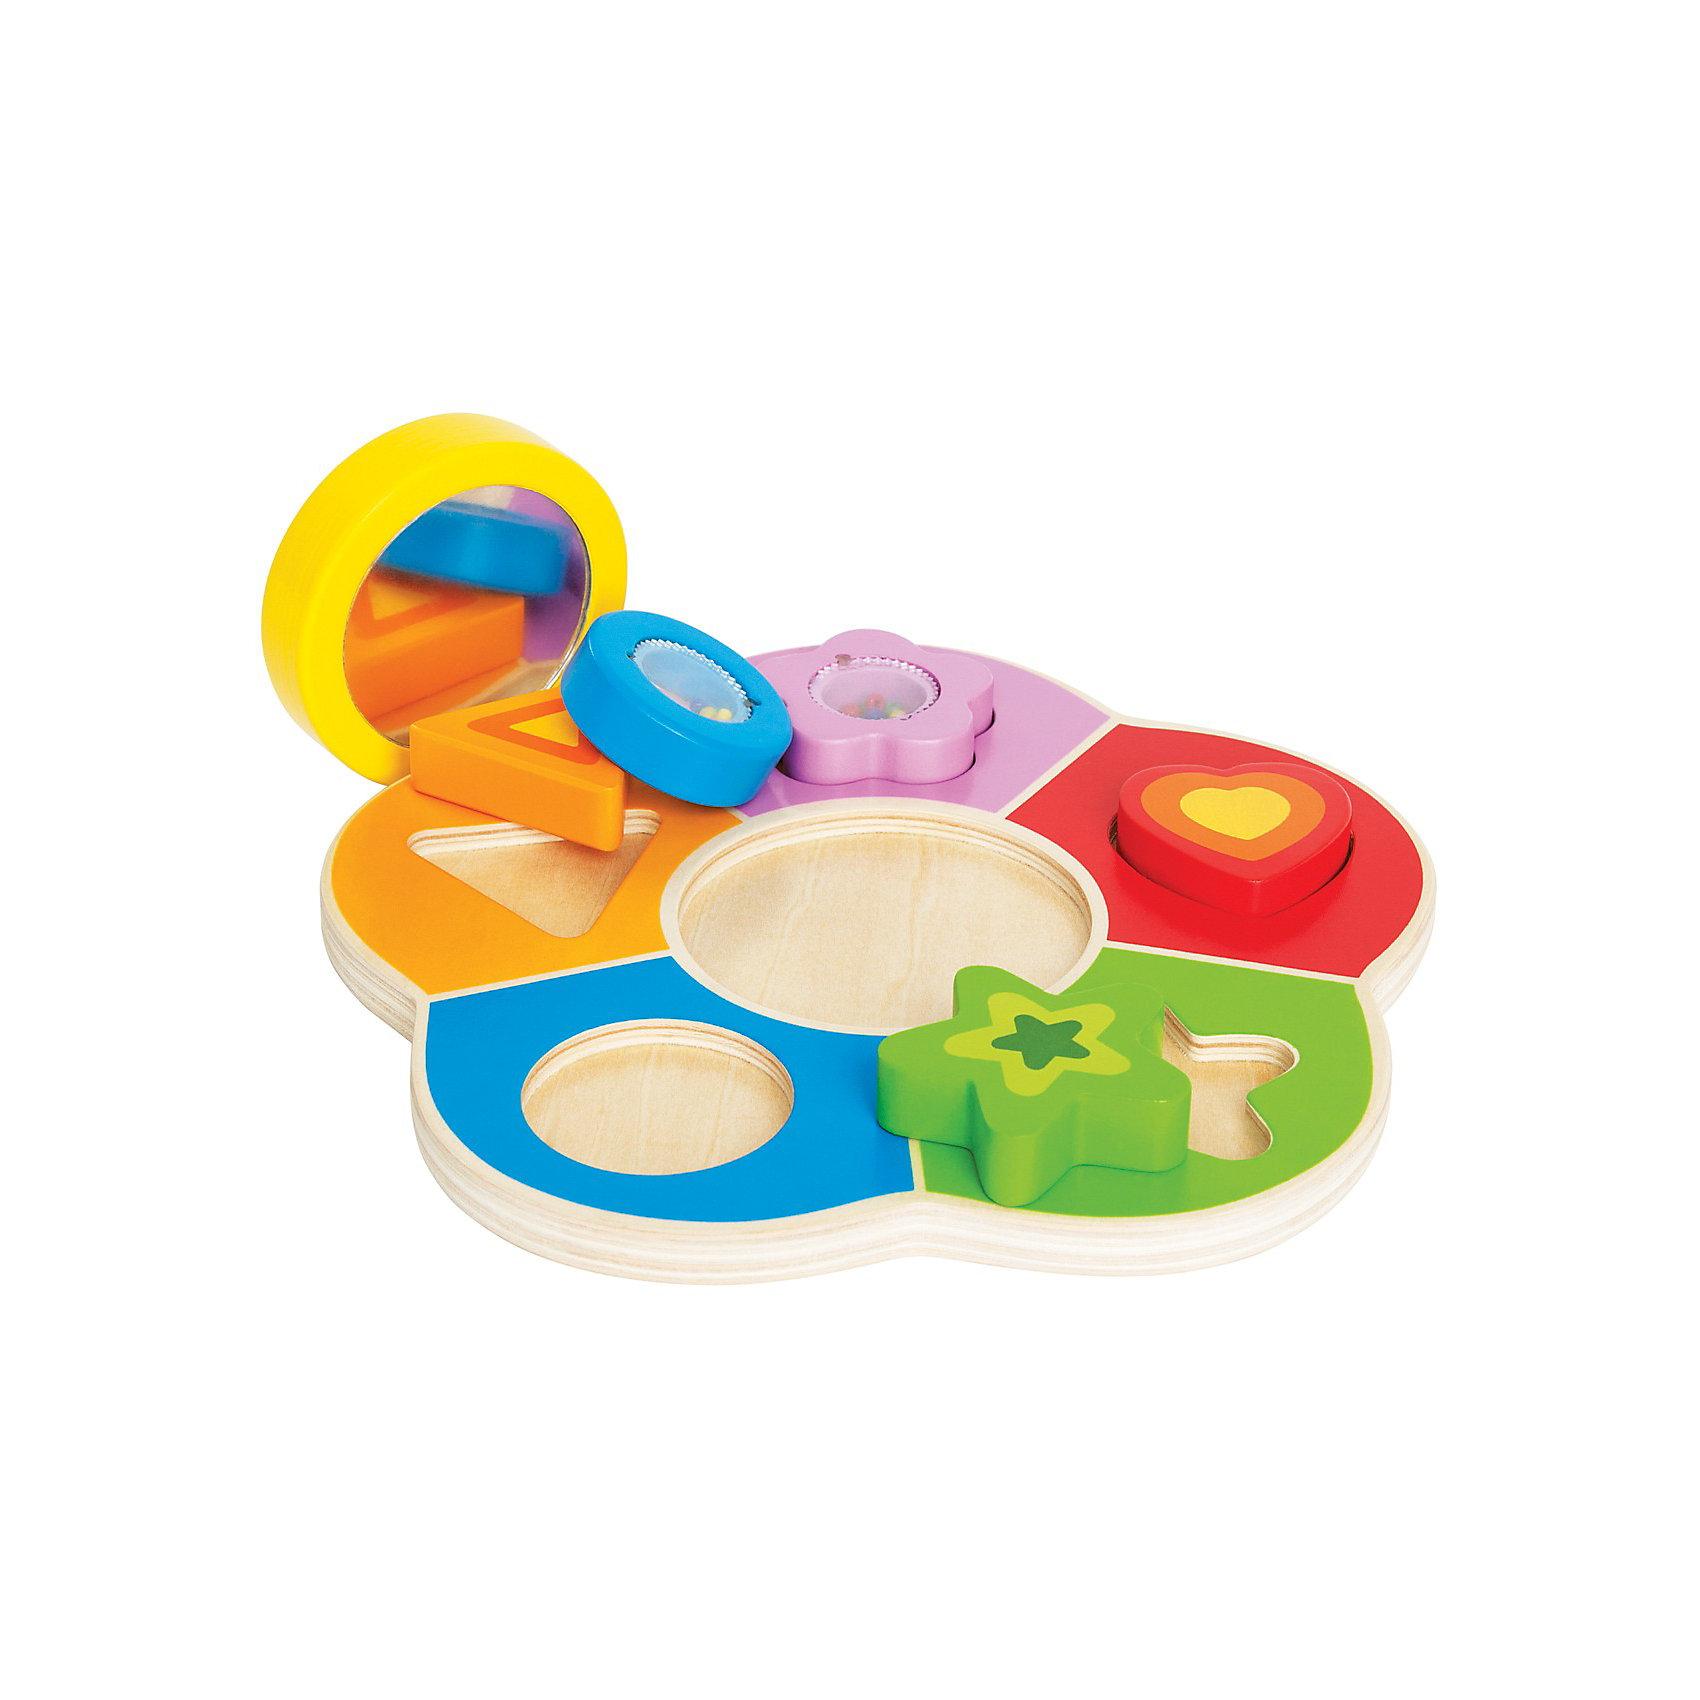 Игрушка деревянная Пазл, HapeДеревянный пазл Hape (Хапе) - это интересная игрушка для развития Ваших малышей. Изготовлен пазл из высококачественного, экологически чистого дерева, которое безопасно для детей. Края игрушки тщательно обрабатываются, что поможет избежать травм. Малышам надо правильно подобрать фигурку по форме, и вставить ее в отверстие. Игрушка способствует развитию моторики, внимательности, ловкости, концентрации и логического мышления. Также малыши познакомятся с различными цветами и формами. С зеркальцем можно играть отдельно, разглядывая себя. <br><br>Дополнительная информация:<br><br>- Материал: дерево;<br>- Идеален для самых маленьких;<br>- Пазл выполнен в виде красивого цветочка с яркими лепестками, что привлечет внимания деток;<br>- Игрушка состоит из пяти лепестков и серединки, куда вставляется мини-зеркало;<br>- Также прилагается пять разноцветных фигурок, которые надо вставить в отверстие на лепестках;<br>- Пазл имеет округлые формы для безопасности малышей;<br>- Цветочек понравится как девочкам, так и мальчикам;<br>- Размер упаковки: 24,5 х 6 х 24 см;<br>- Размер игрушки: 22 х 22 х 3 см;<br>- Вес: 0,33 кг.<br><br>Игрушку деревянный Пазл, Hape (Хапе) можно купить в нашем интернет-магазине.<br><br>Ширина мм: 60<br>Глубина мм: 240<br>Высота мм: 245<br>Вес г: 333<br>Возраст от месяцев: 18<br>Возраст до месяцев: 36<br>Пол: Унисекс<br>Возраст: Детский<br>SKU: 3534101